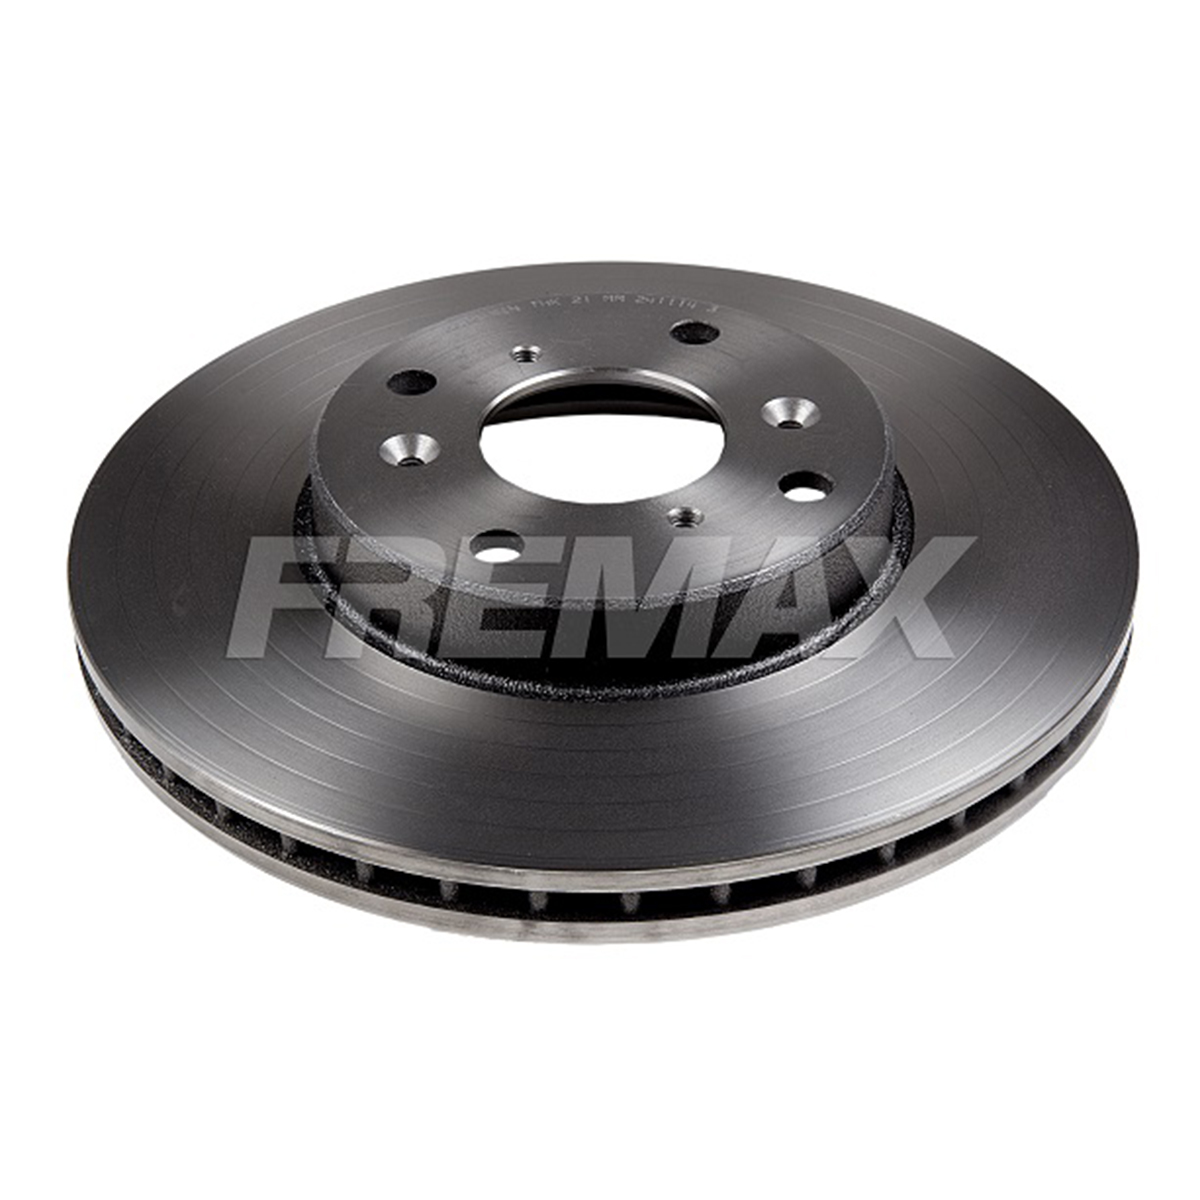 Par de Discos de Freio - FREMAX - Eixo Dianteiro - Honda Accord - BD2739 (Ventilado e Sem Cubo)